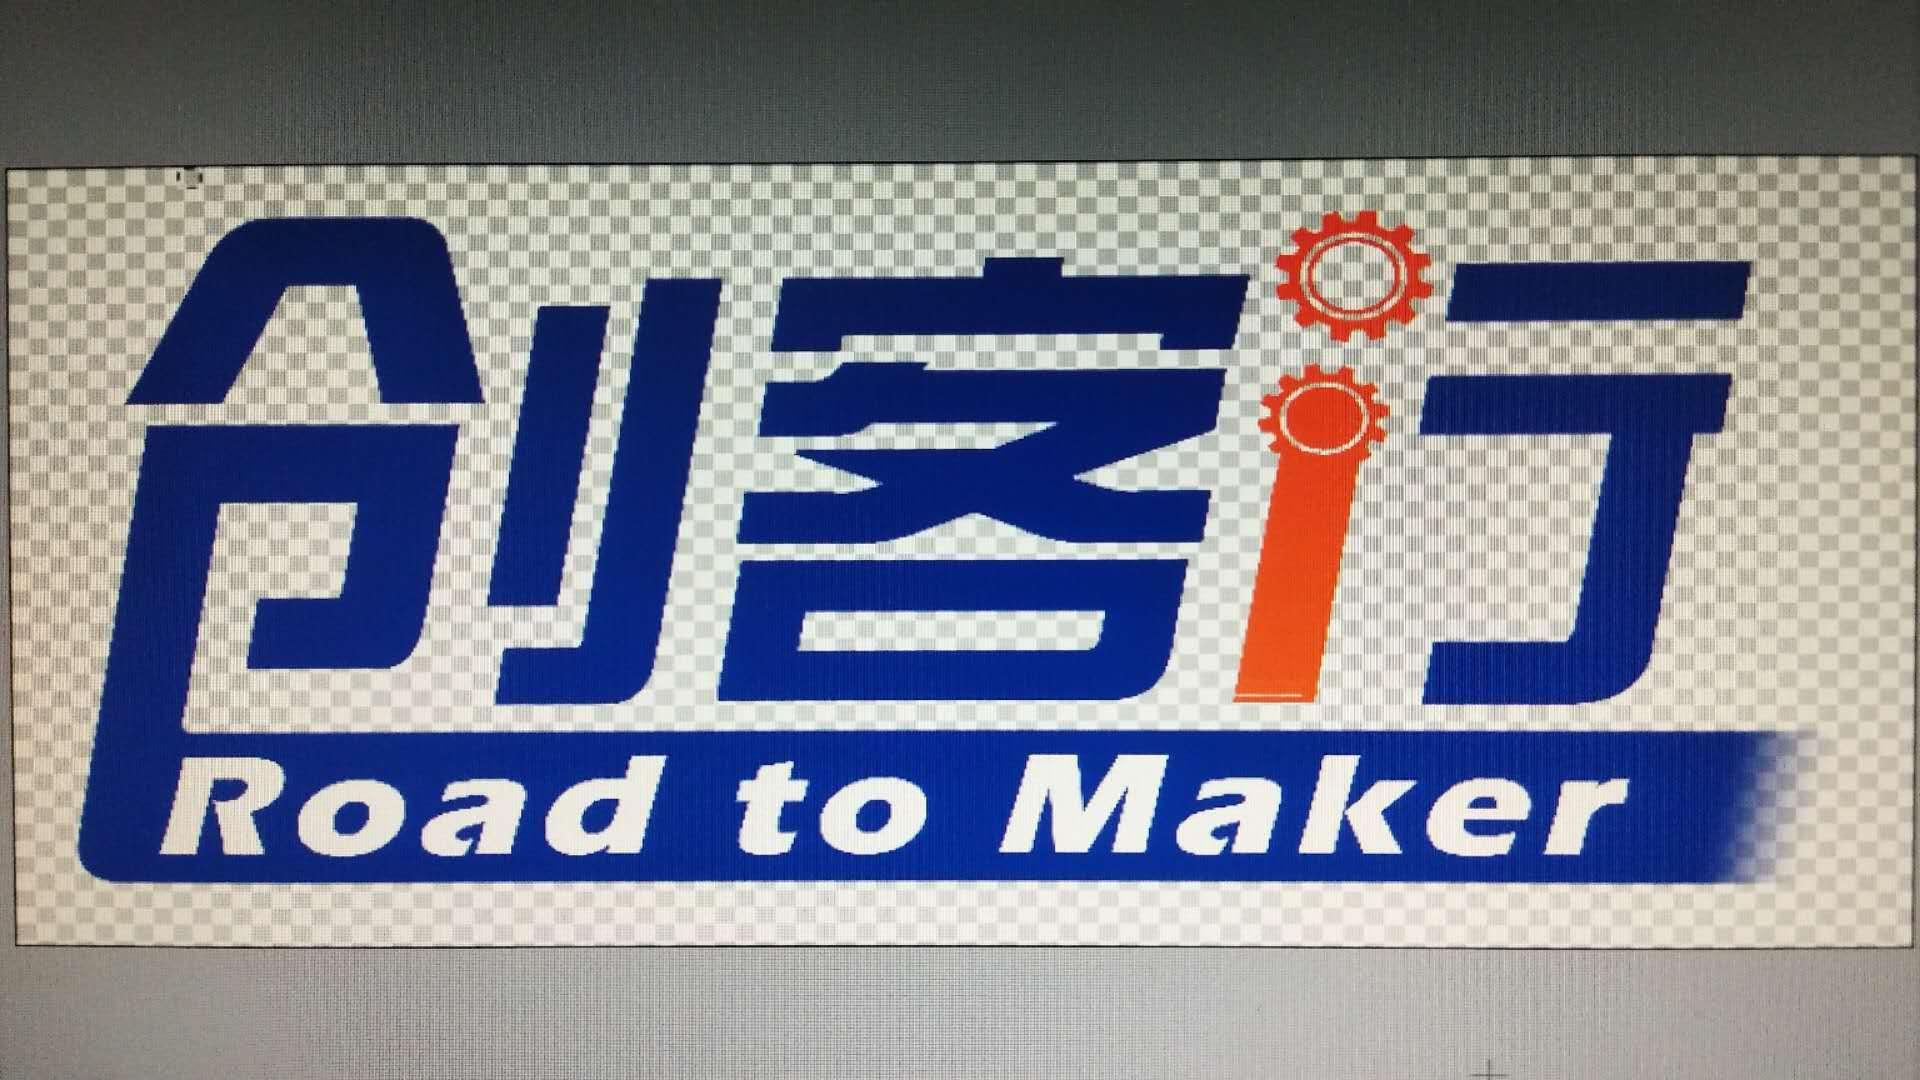 廣東創客行教育科技有限公司